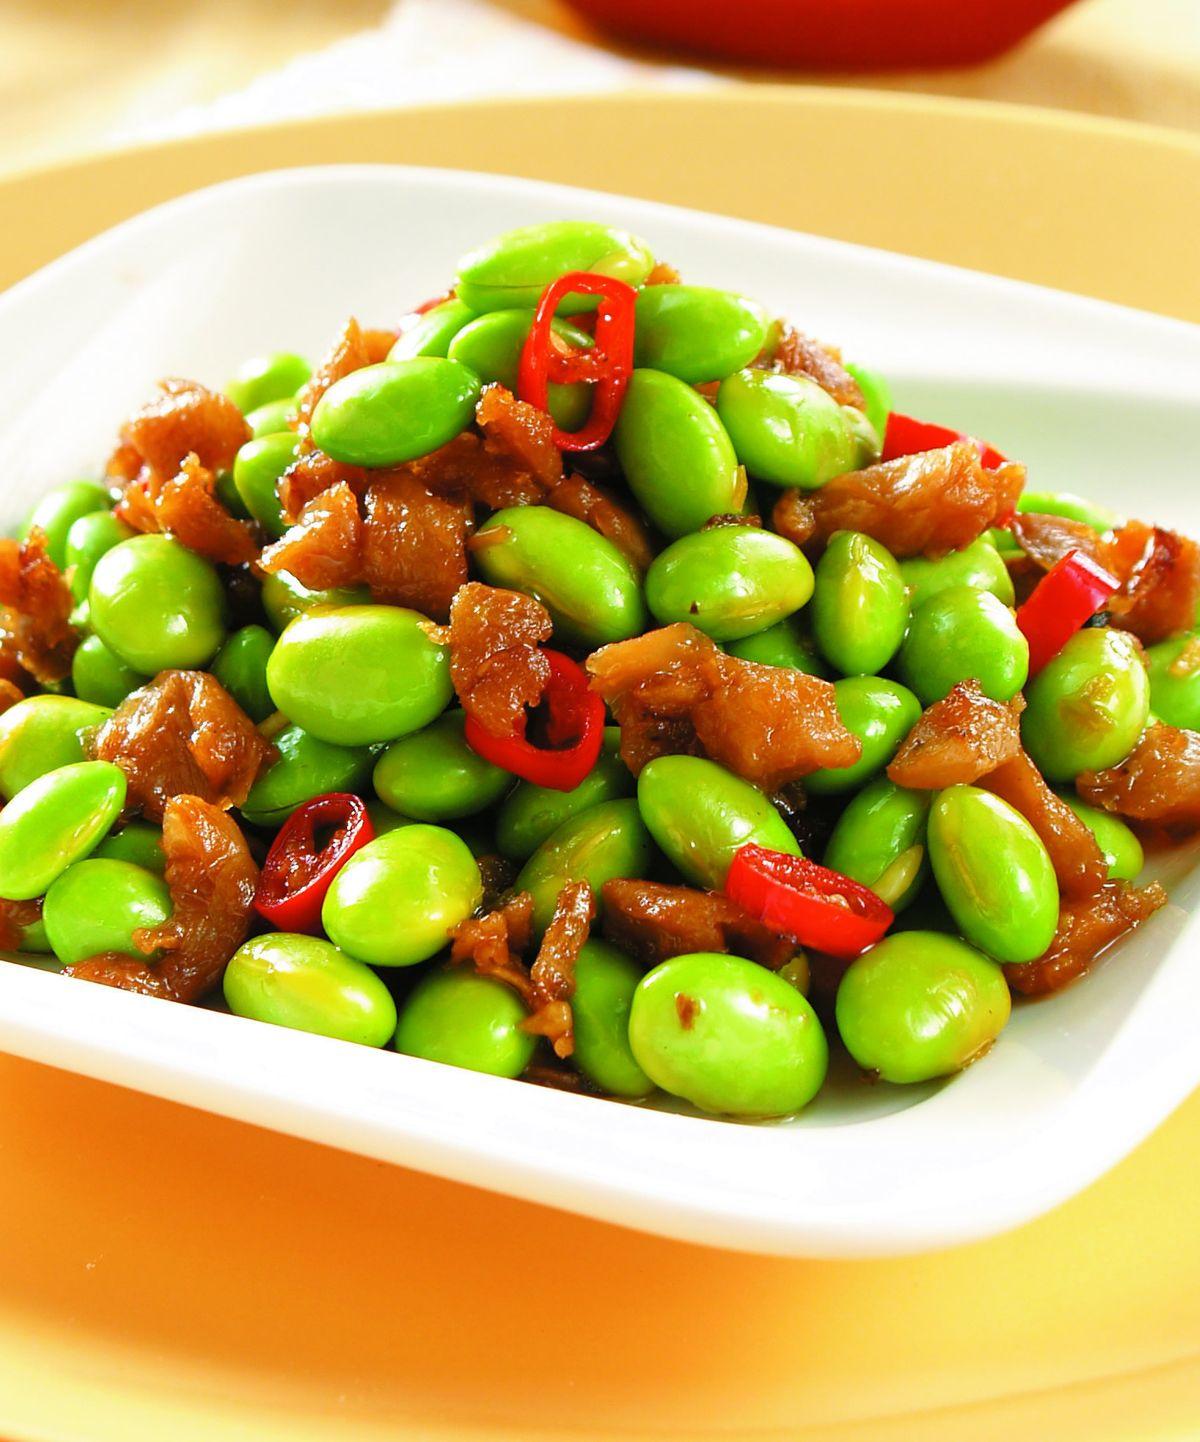 食譜:毛豆炒菜脯